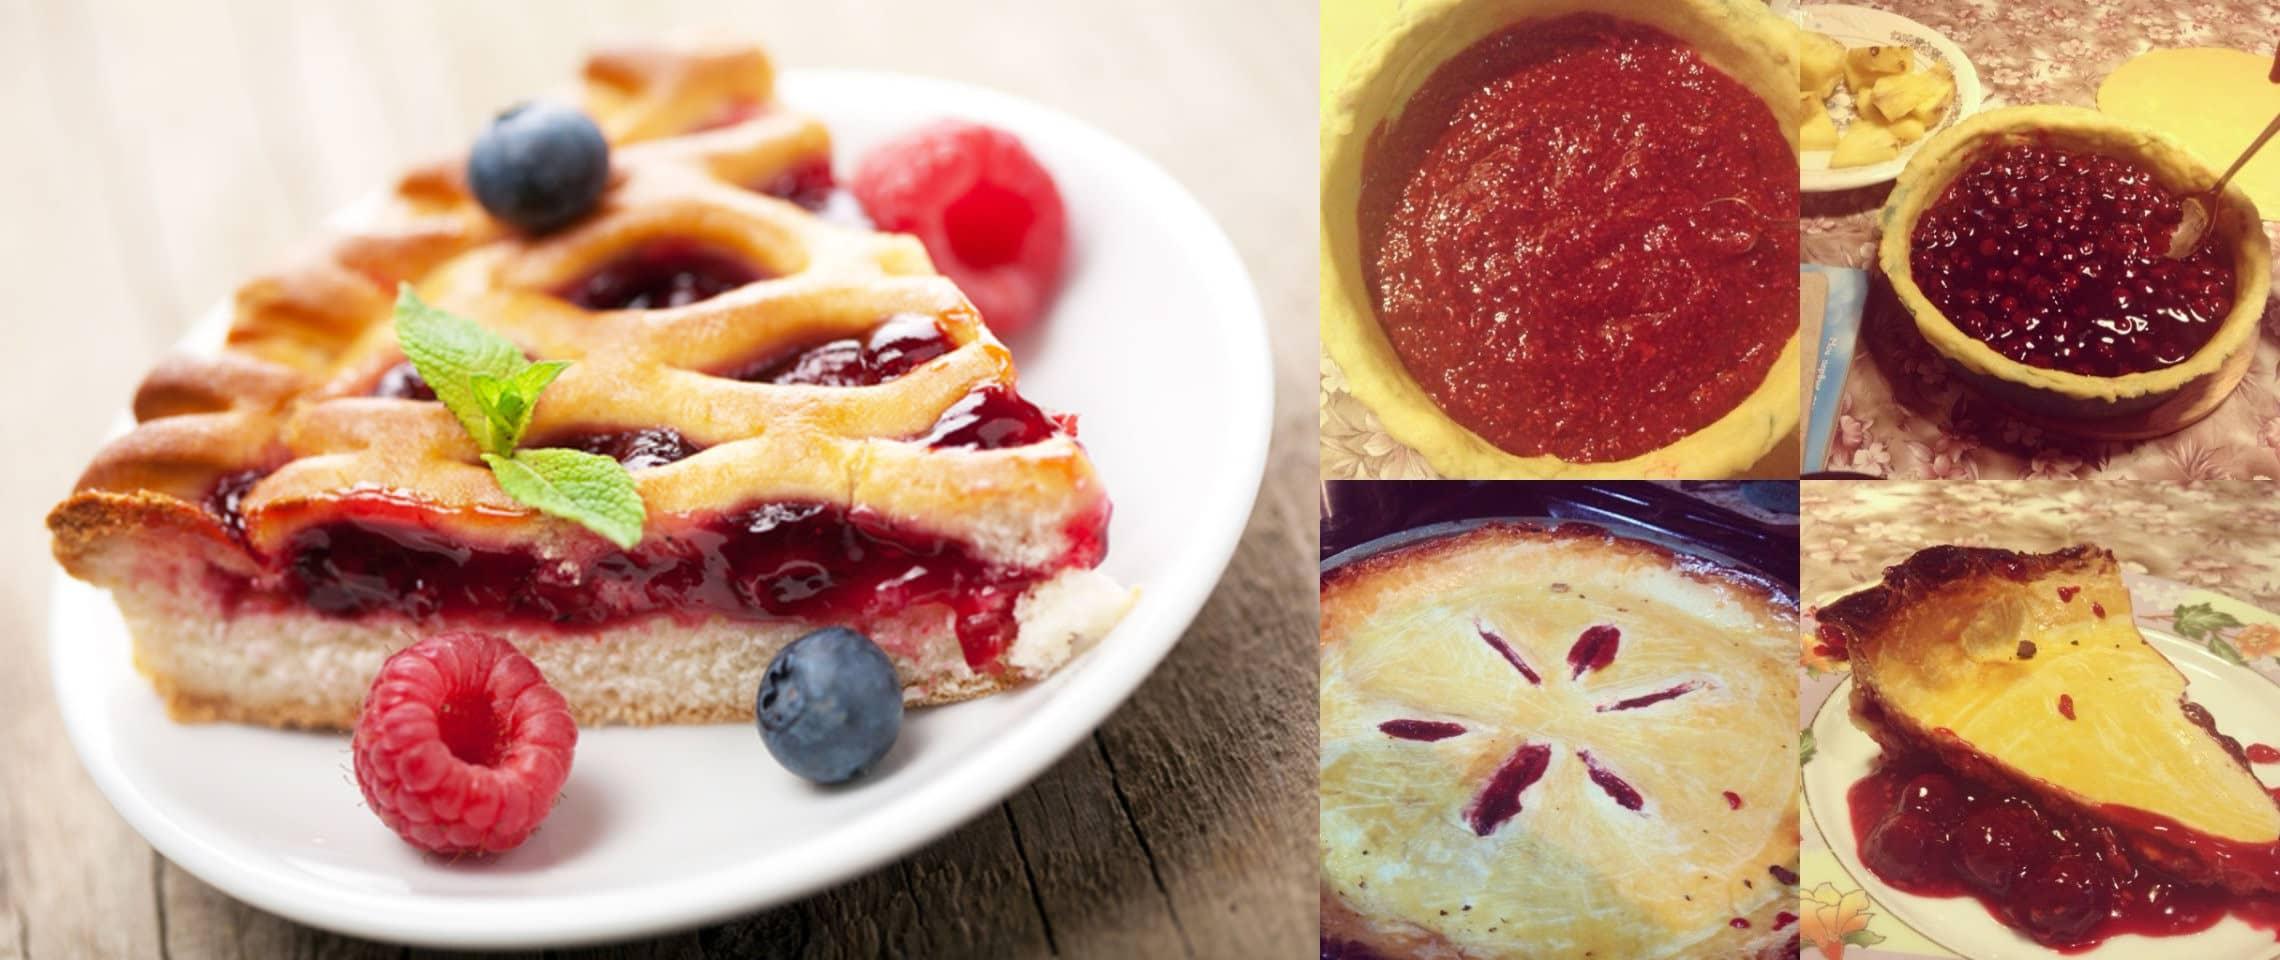 Пиріг з ягодами малини, вишні та насінням Чіа: це так смачно, що не передати словами